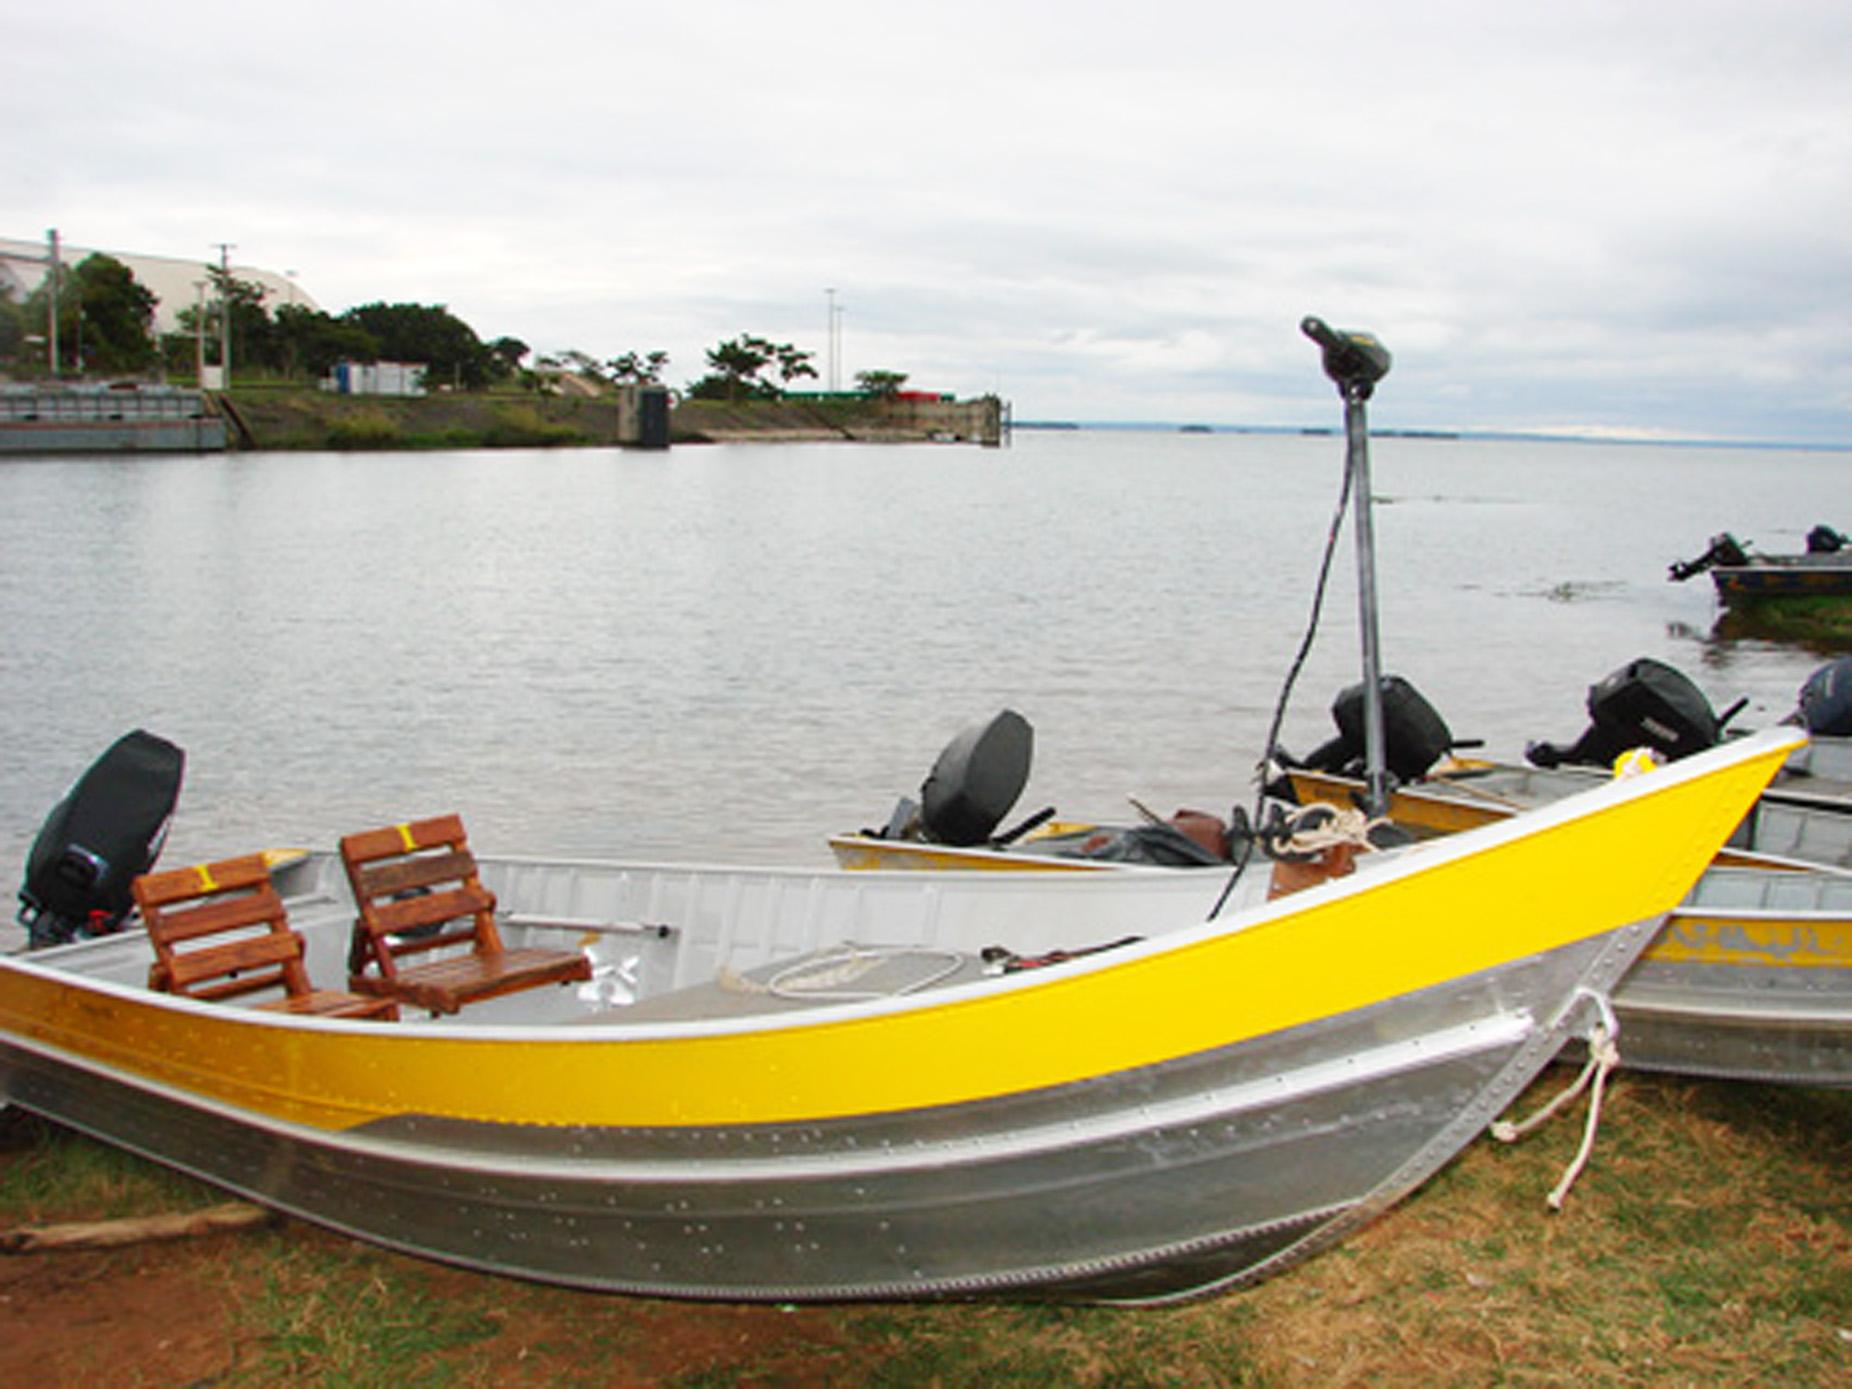 Barco para pescaria